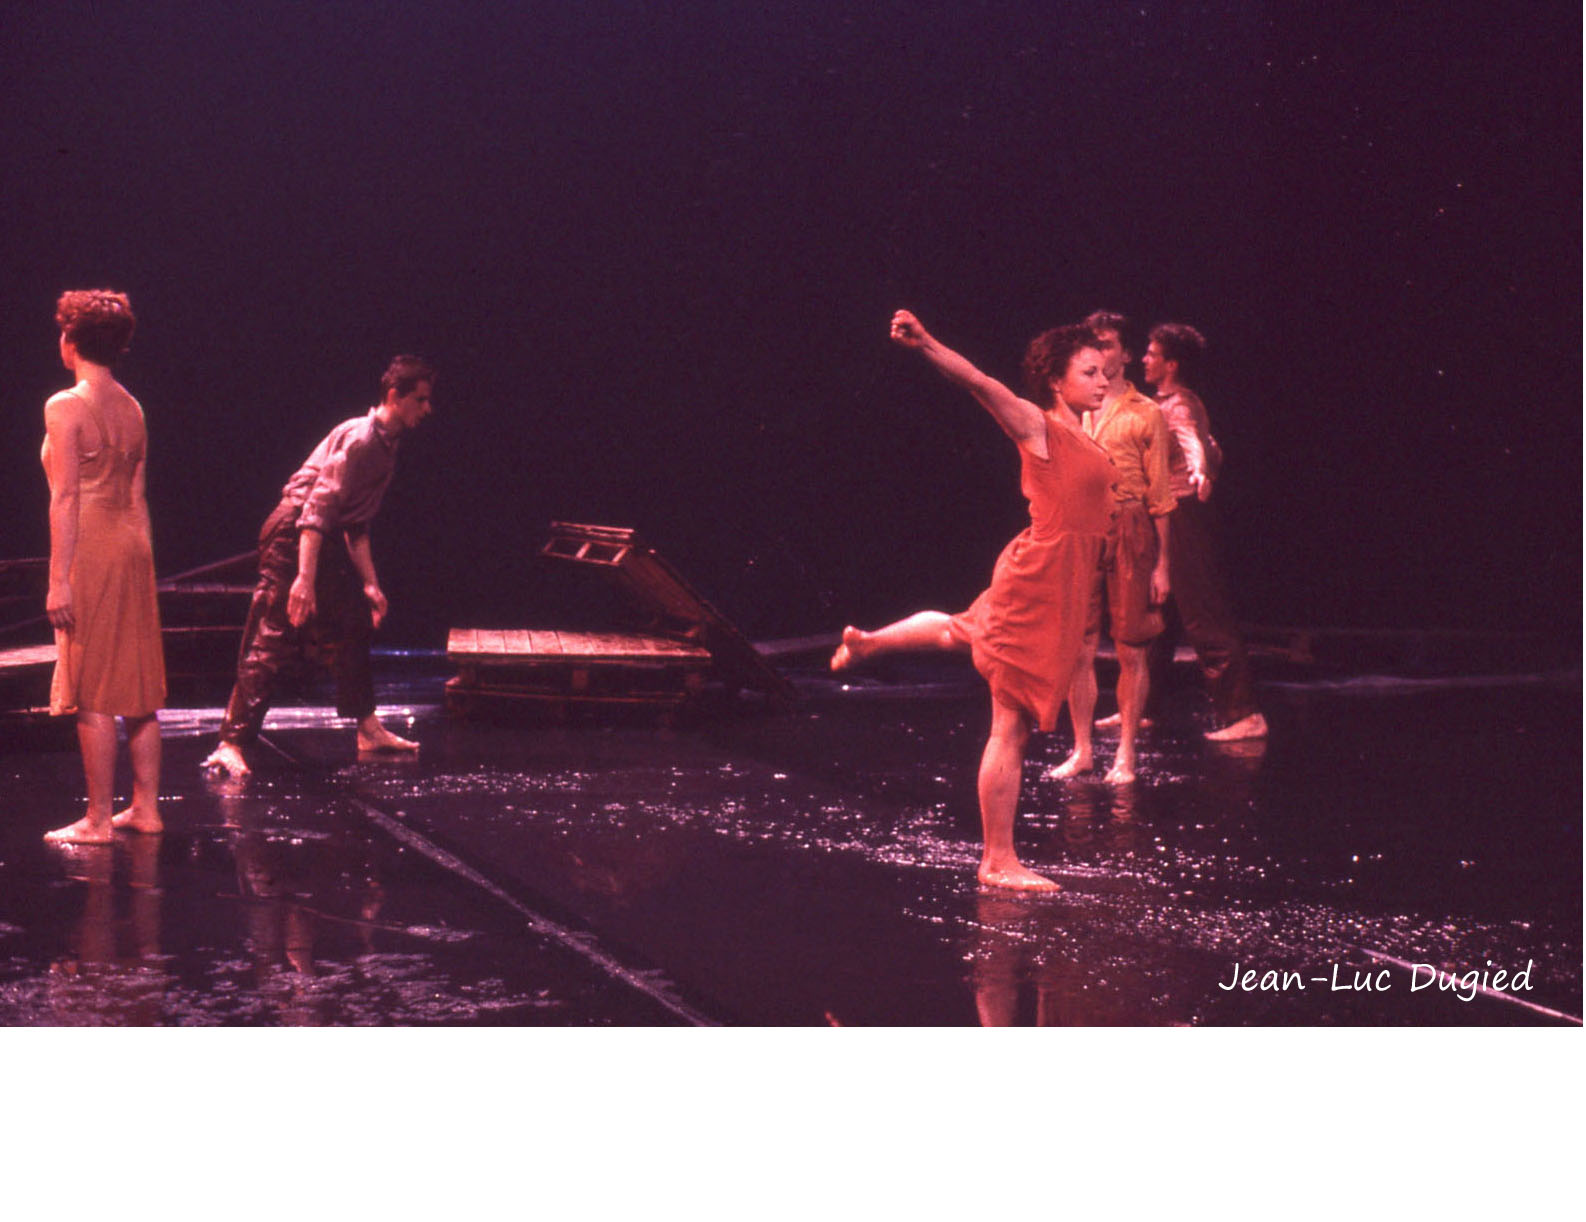 53 Dugied Fabrice - le ciel de mousson - 1989